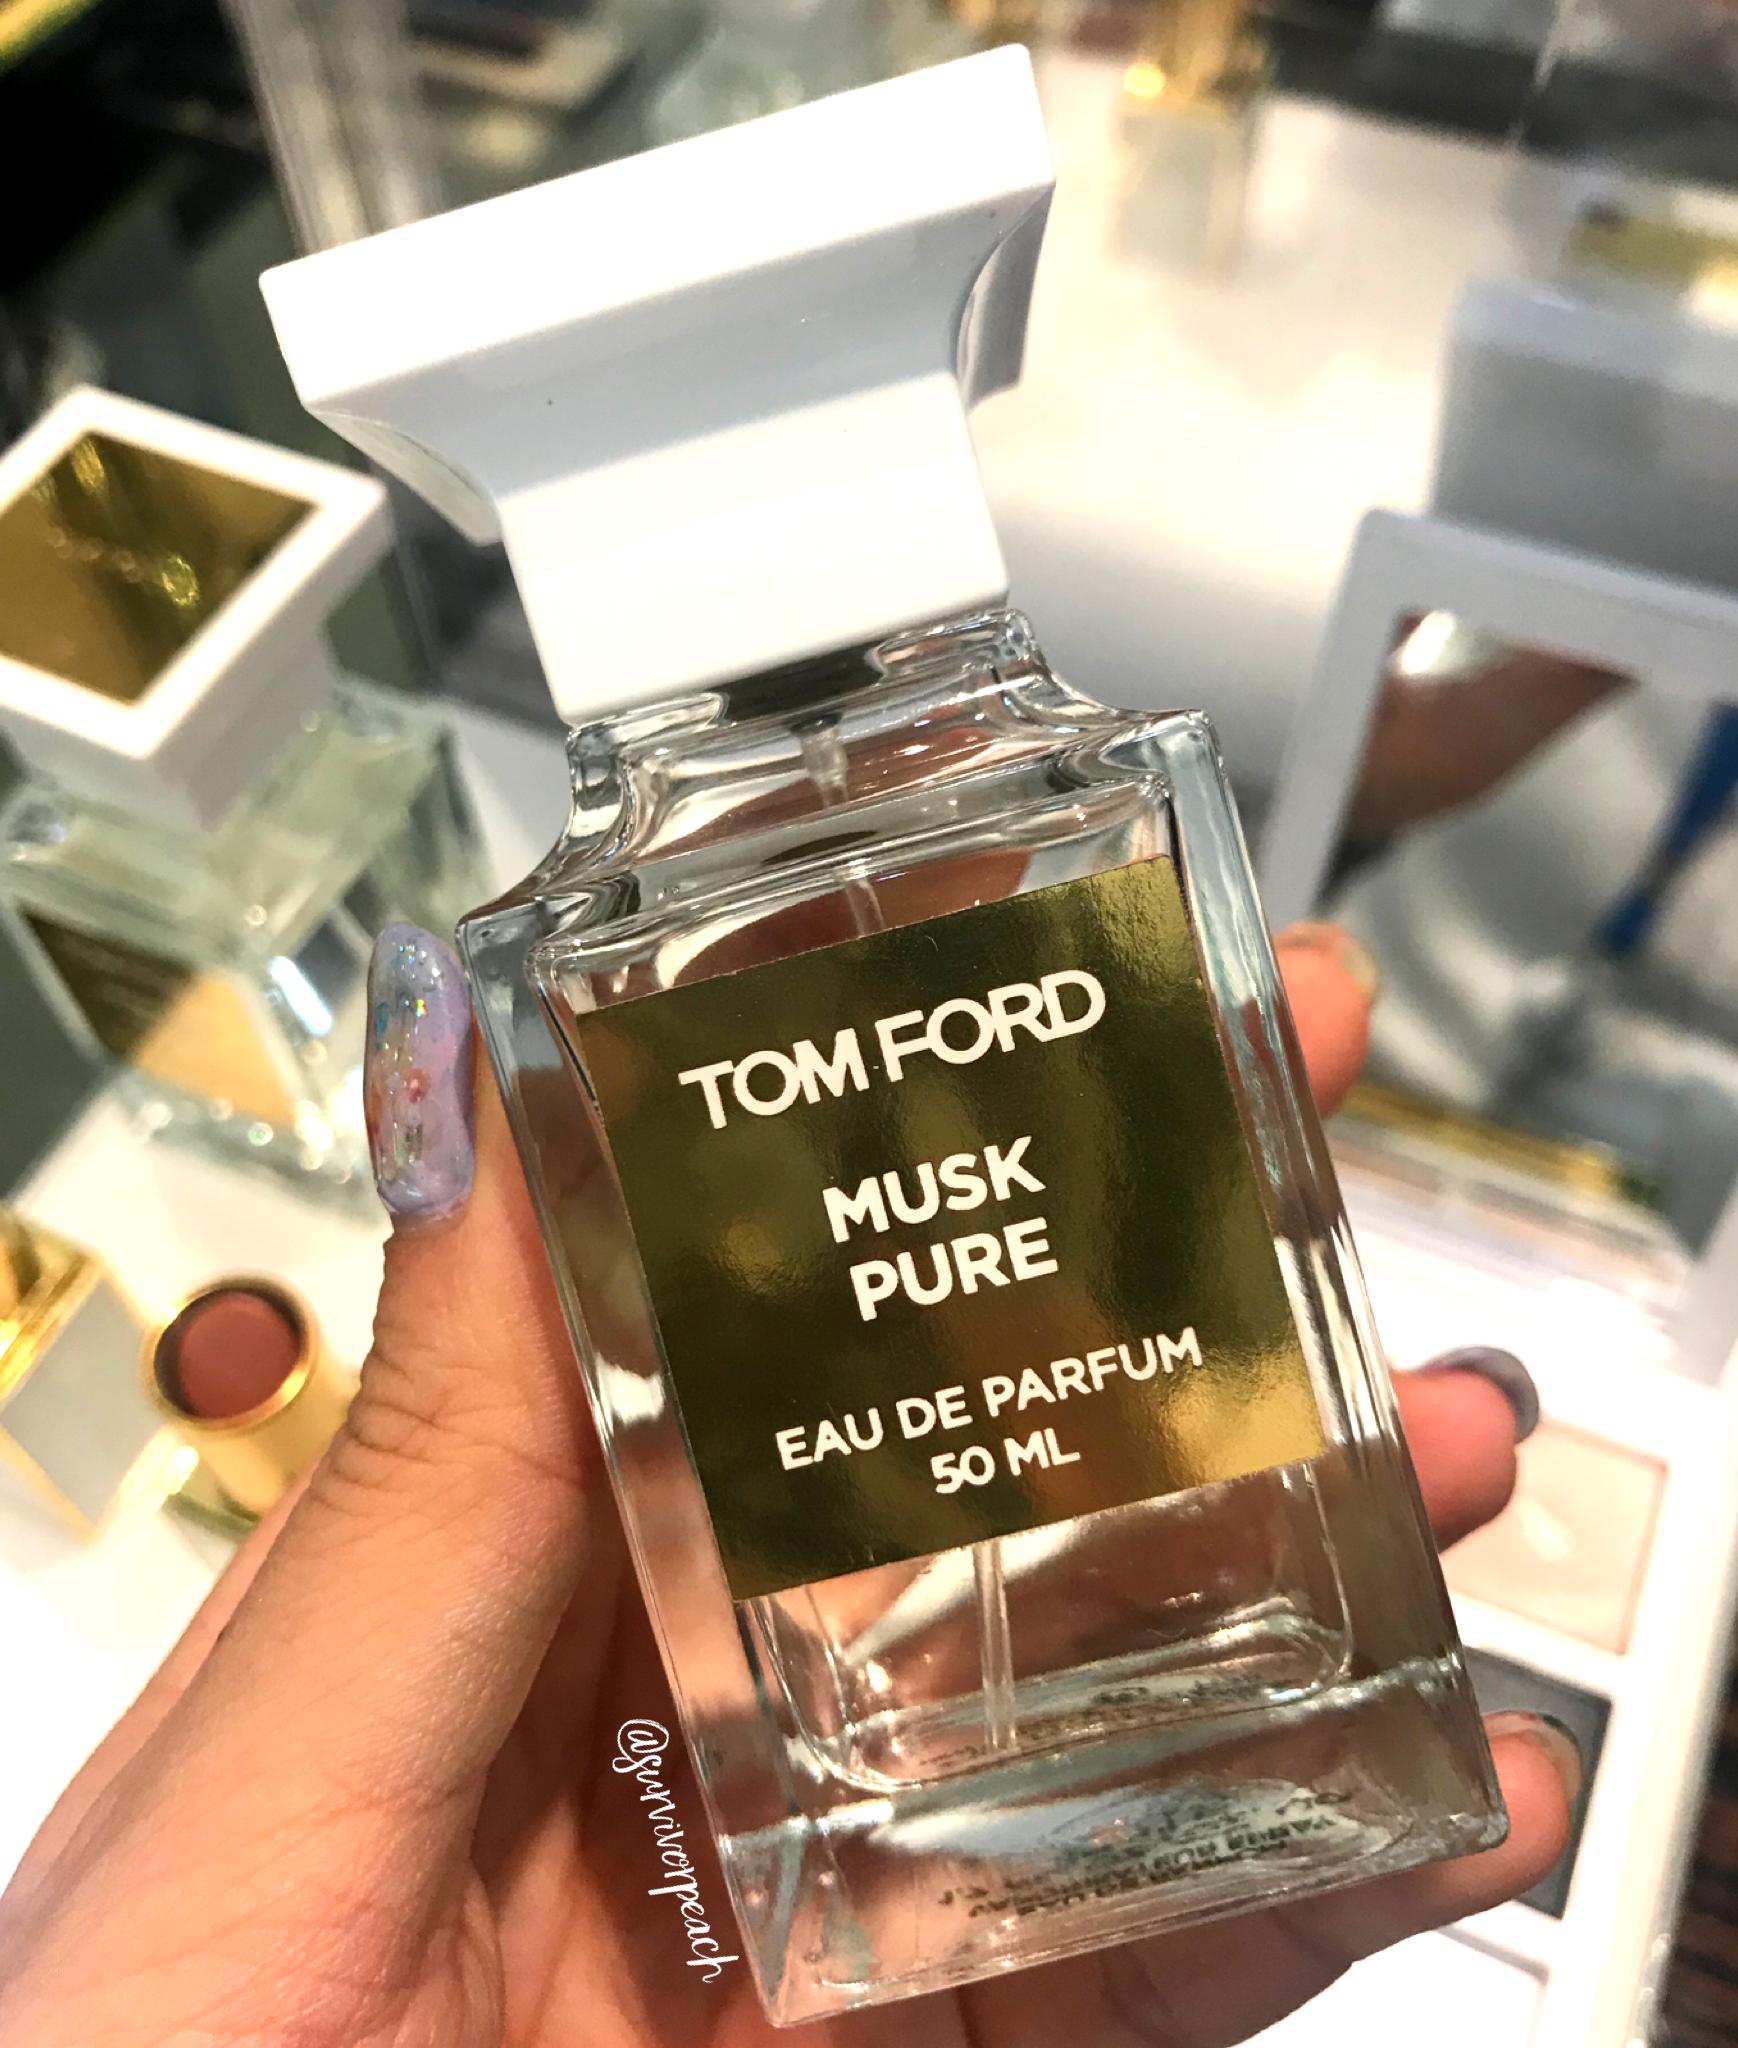 Tom Ford Musk Pure Eau De Parfum